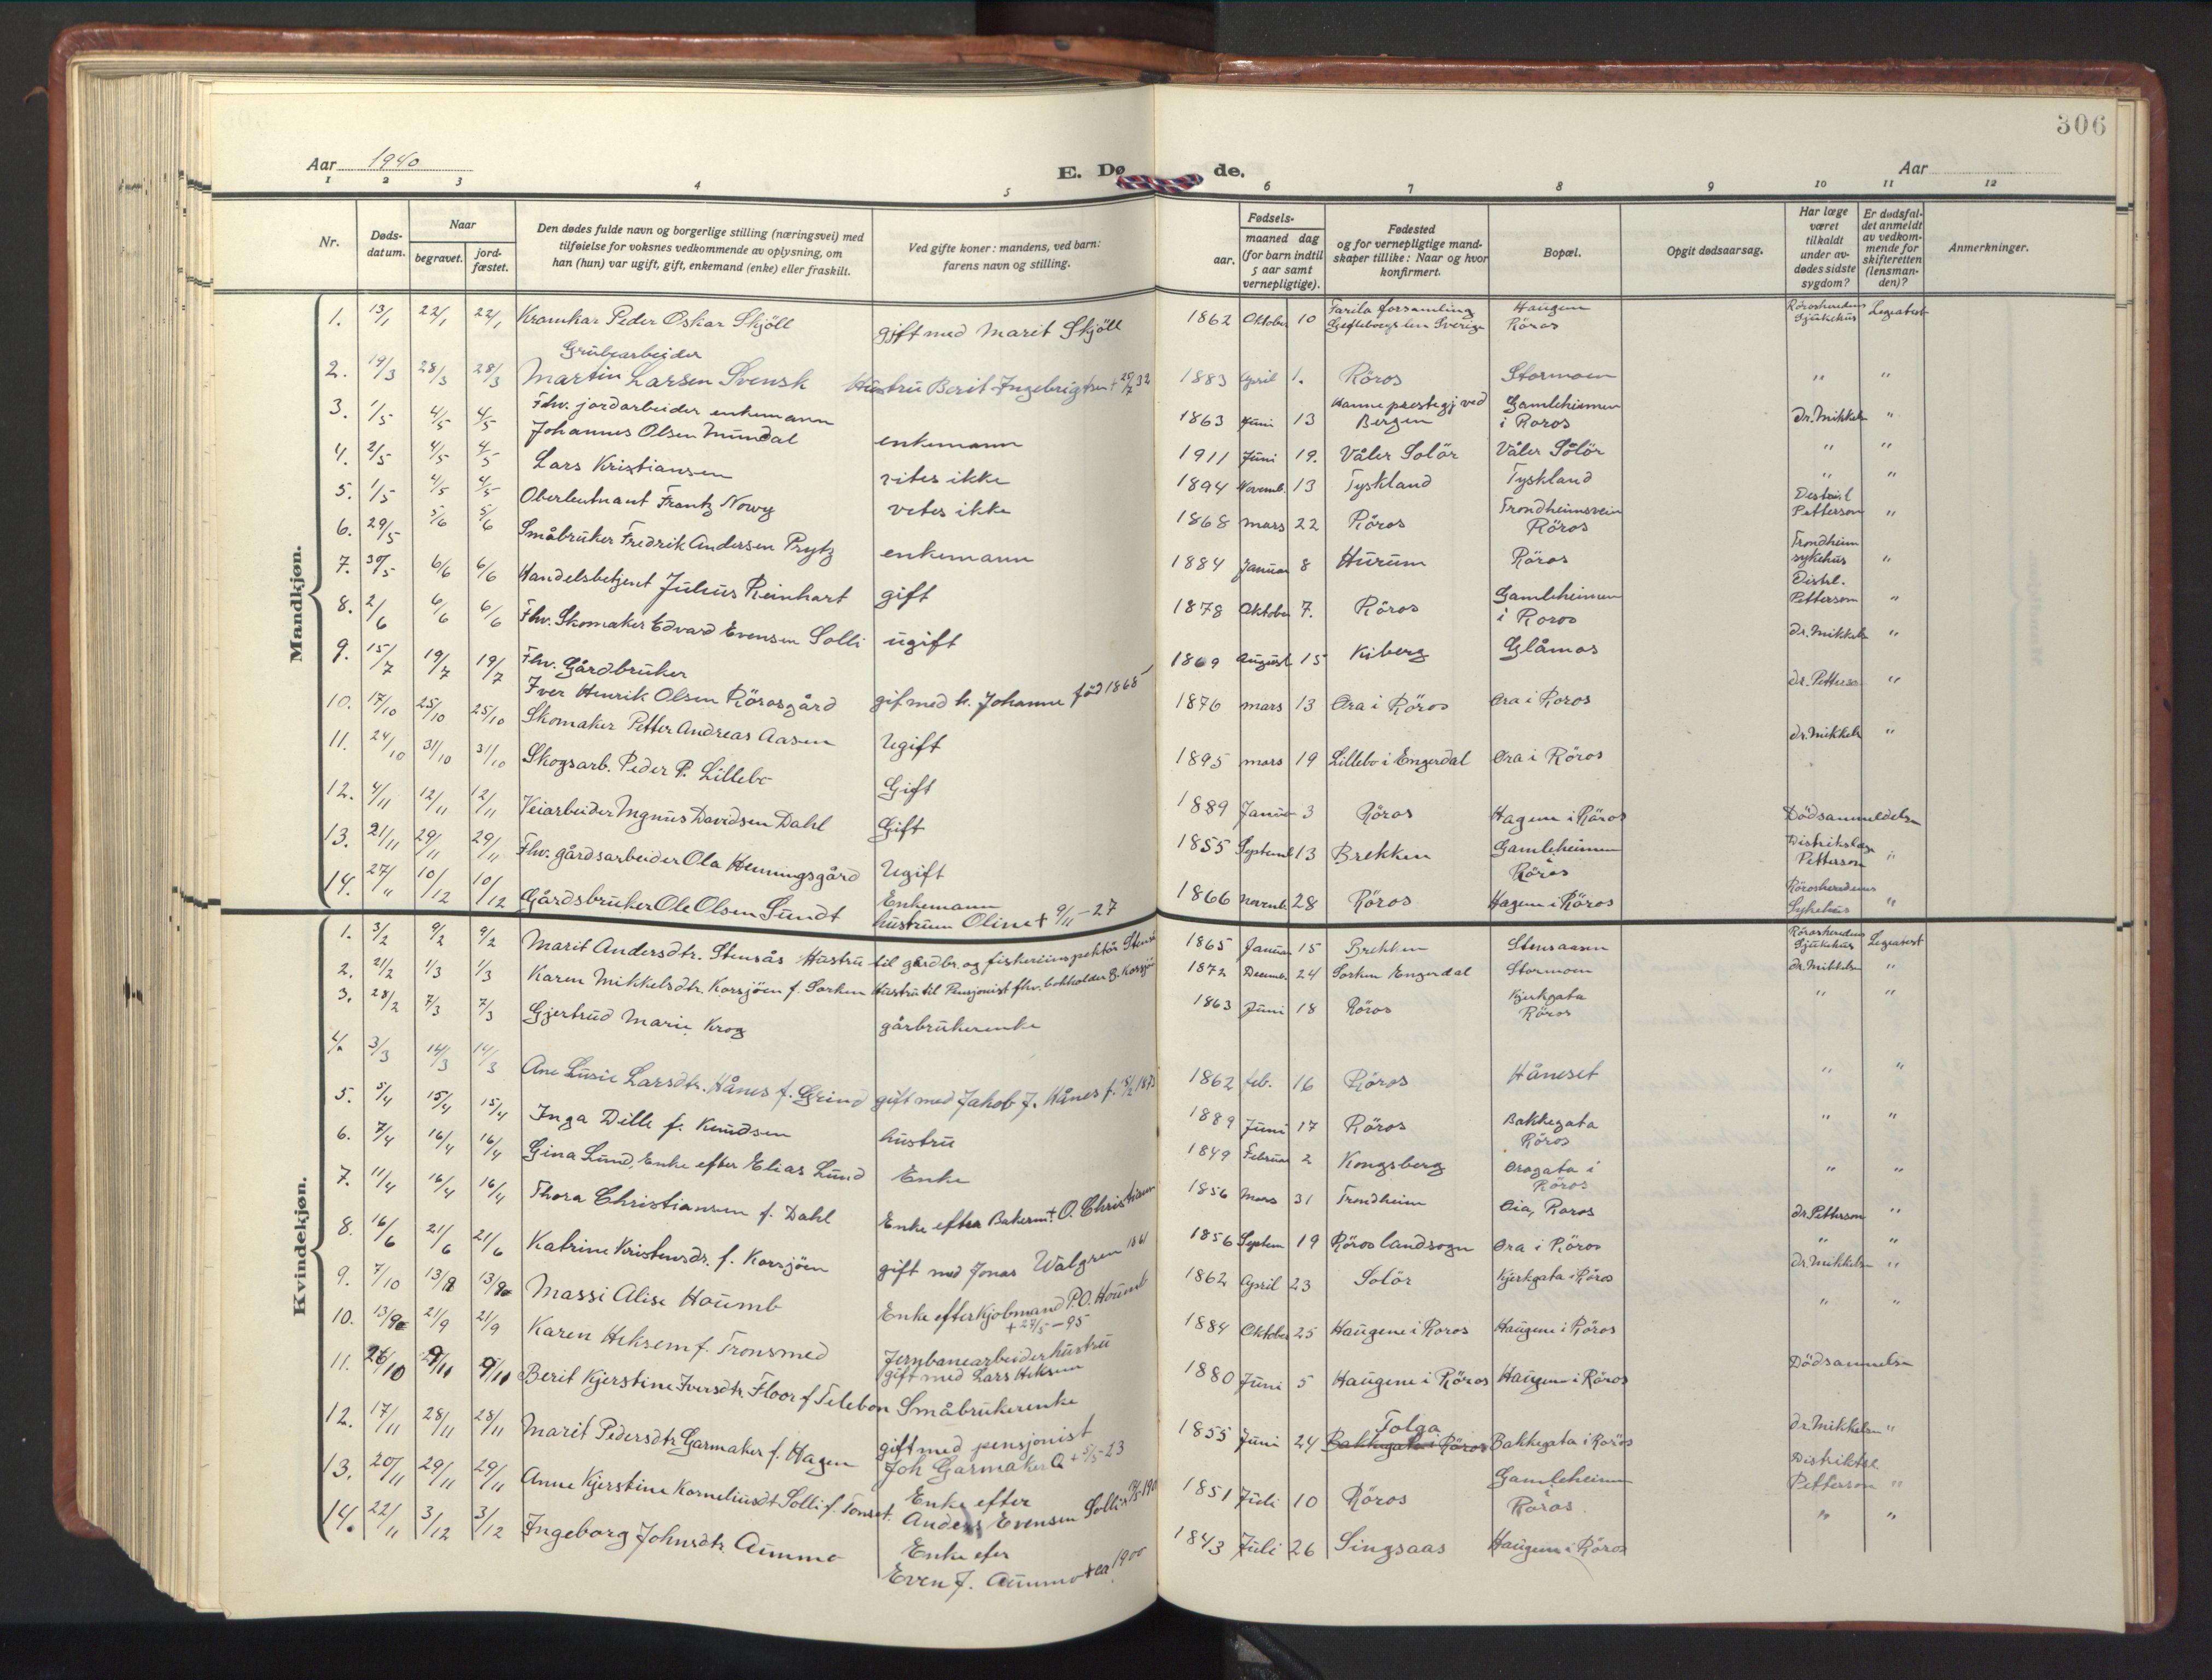 SAT, Ministerialprotokoller, klokkerbøker og fødselsregistre - Sør-Trøndelag, 681/L0943: Klokkerbok nr. 681C07, 1926-1954, s. 306